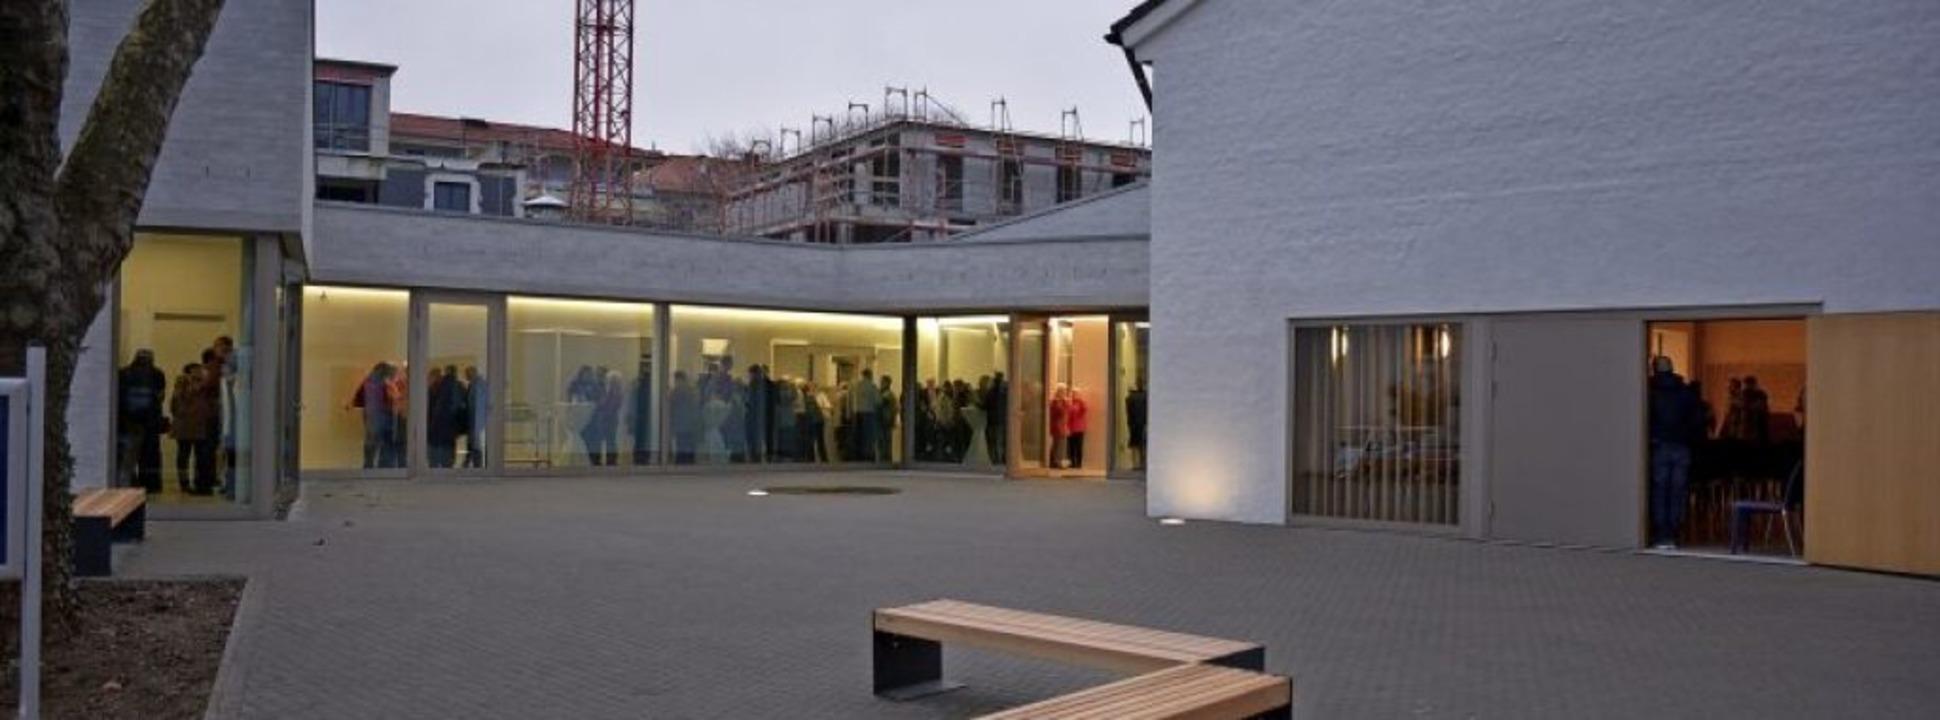 Das neue Gemeindezentrum bietet beste ...e Formen der Gemeinschaft im Glauben.     Foto: Hannes Lauber